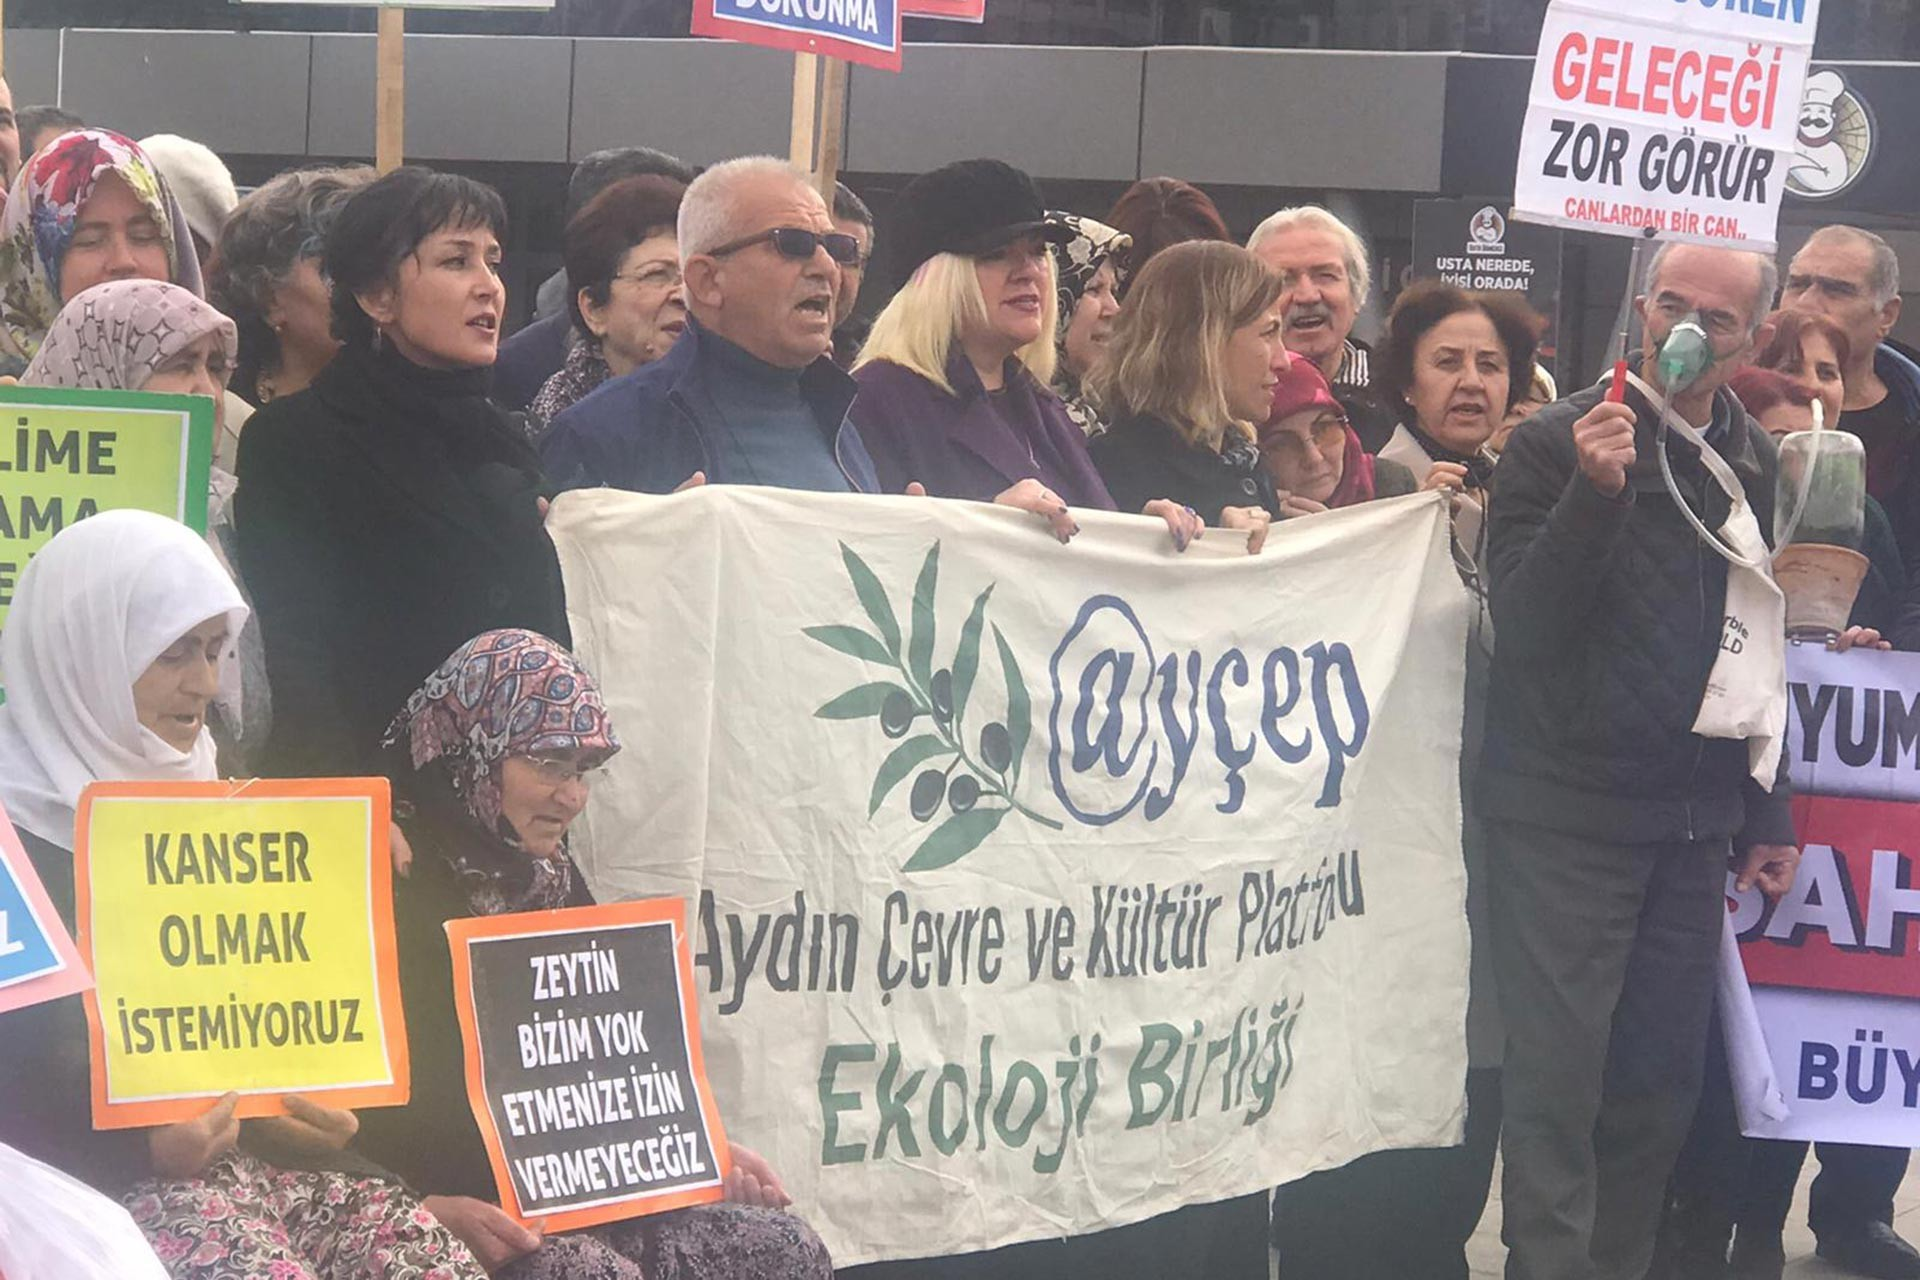 Kızılcaköy'de yapılmak istenen JES'e karşı halk eylem yaparken